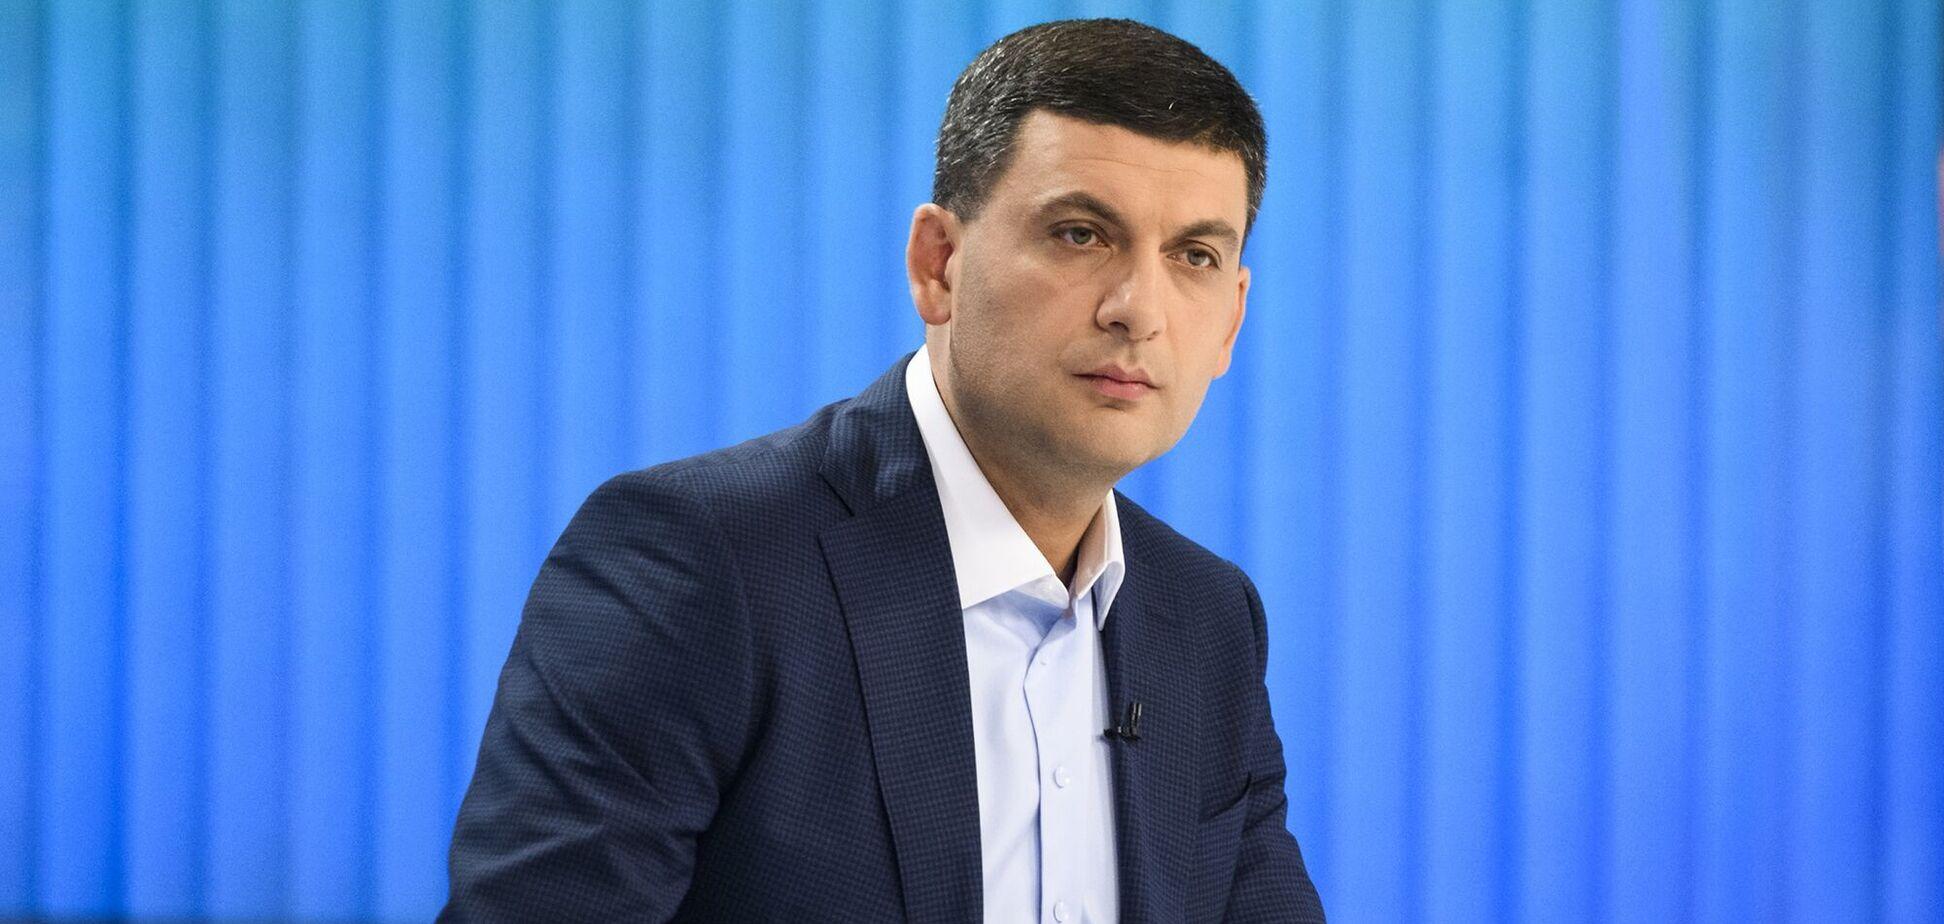 Гройсман закликав затребувати від уряду конкретні рішення на випадок активної фази російської агресії